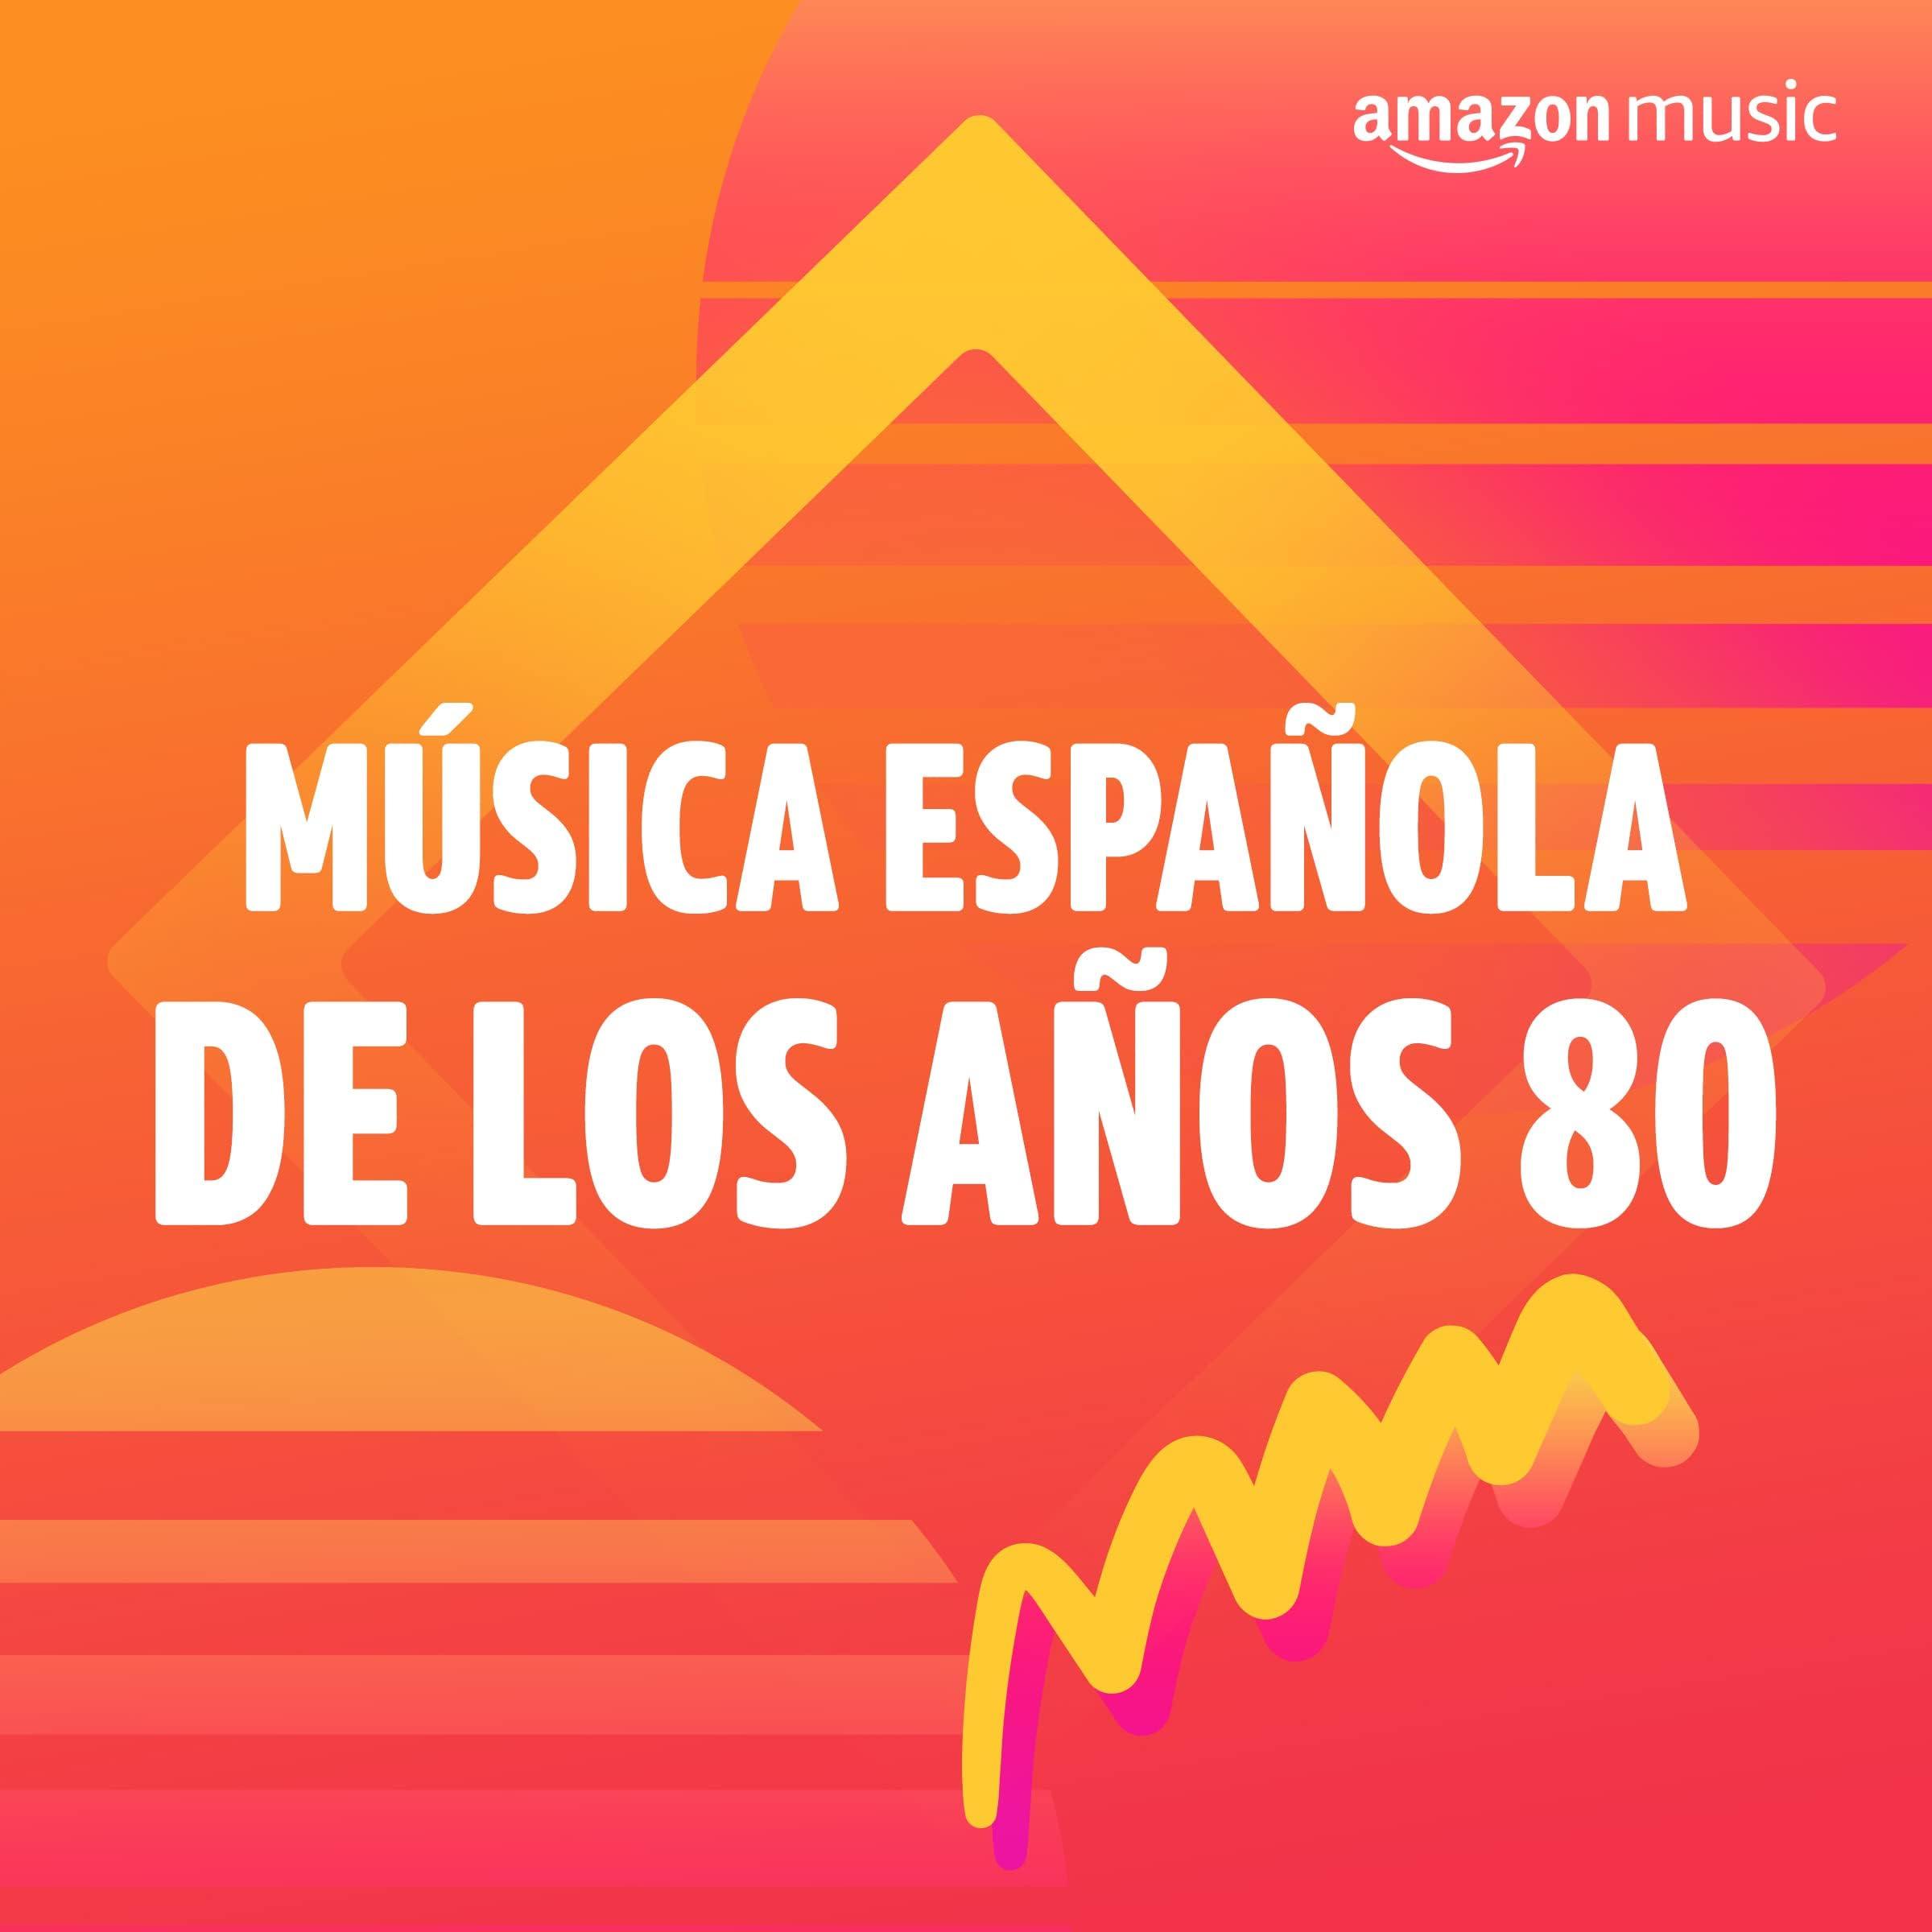 Música española de los años 80